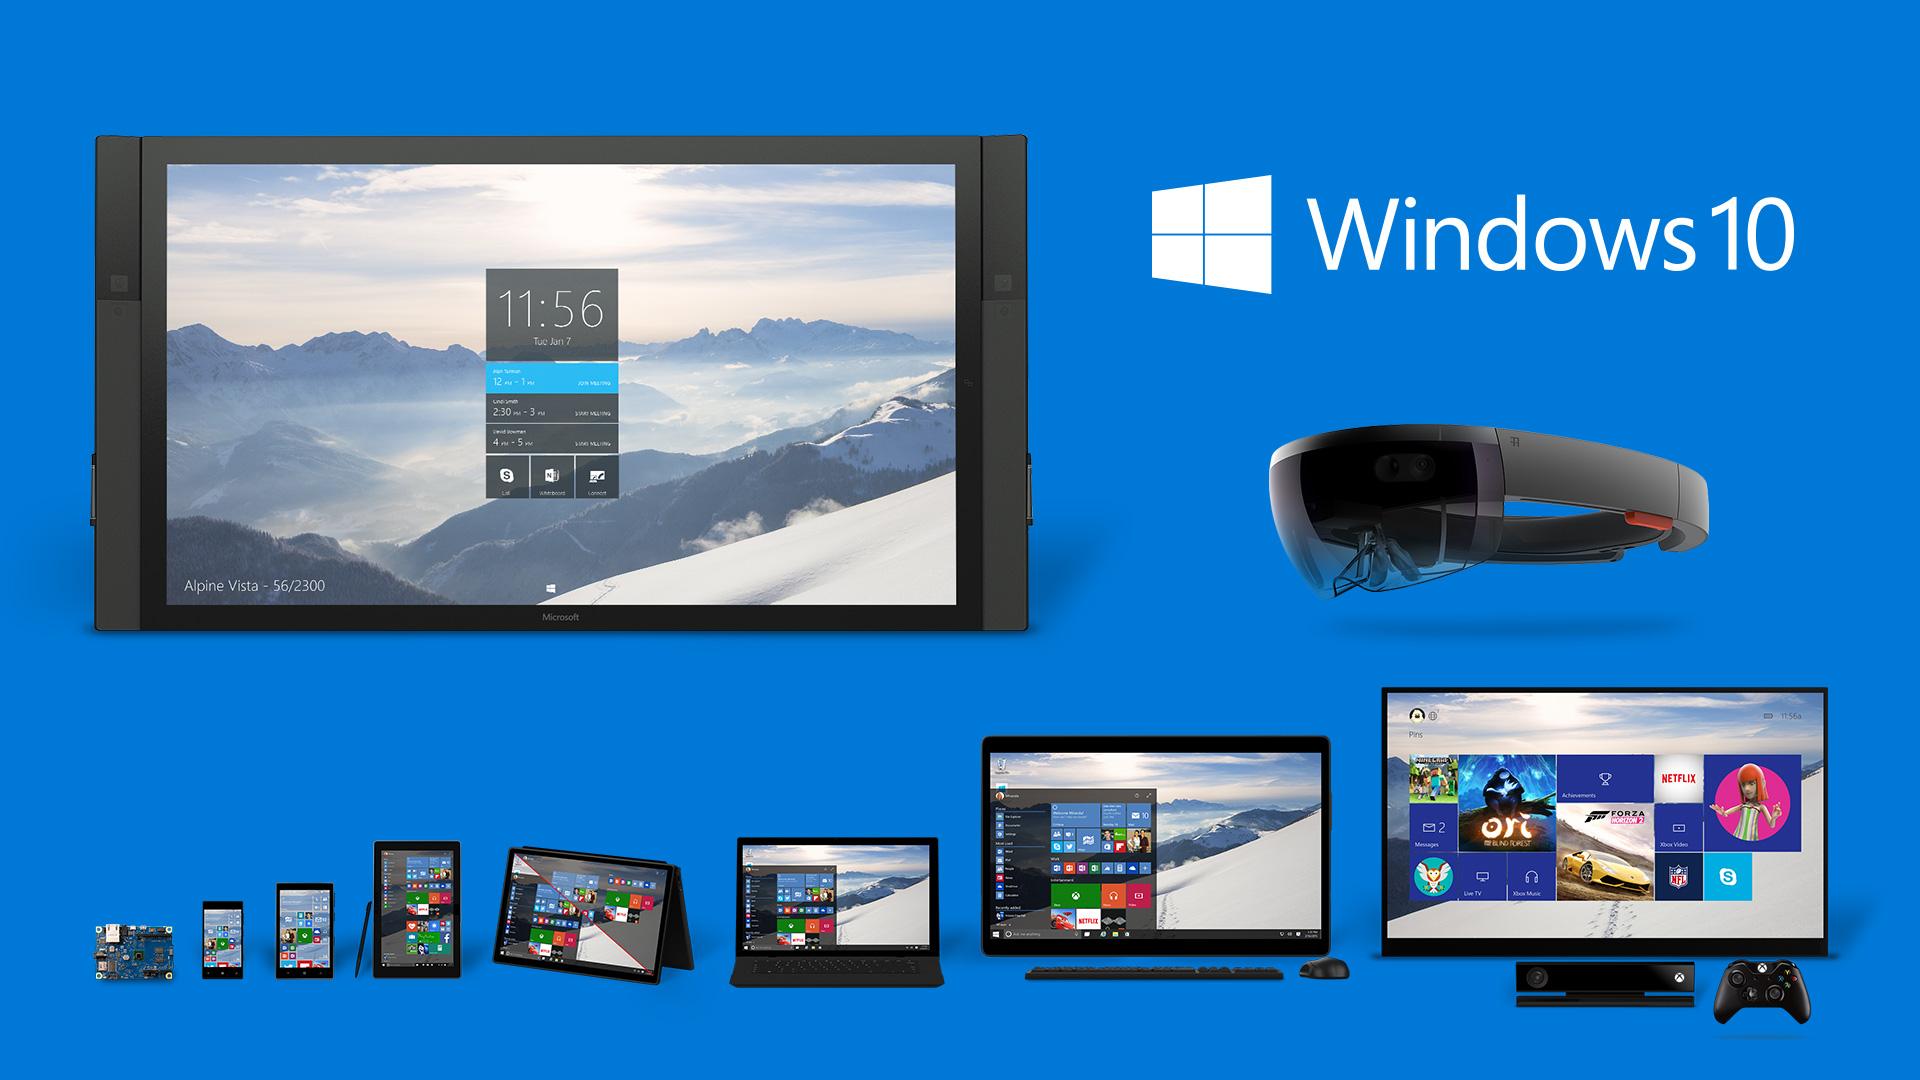 Windows 10 Got a Release Date!